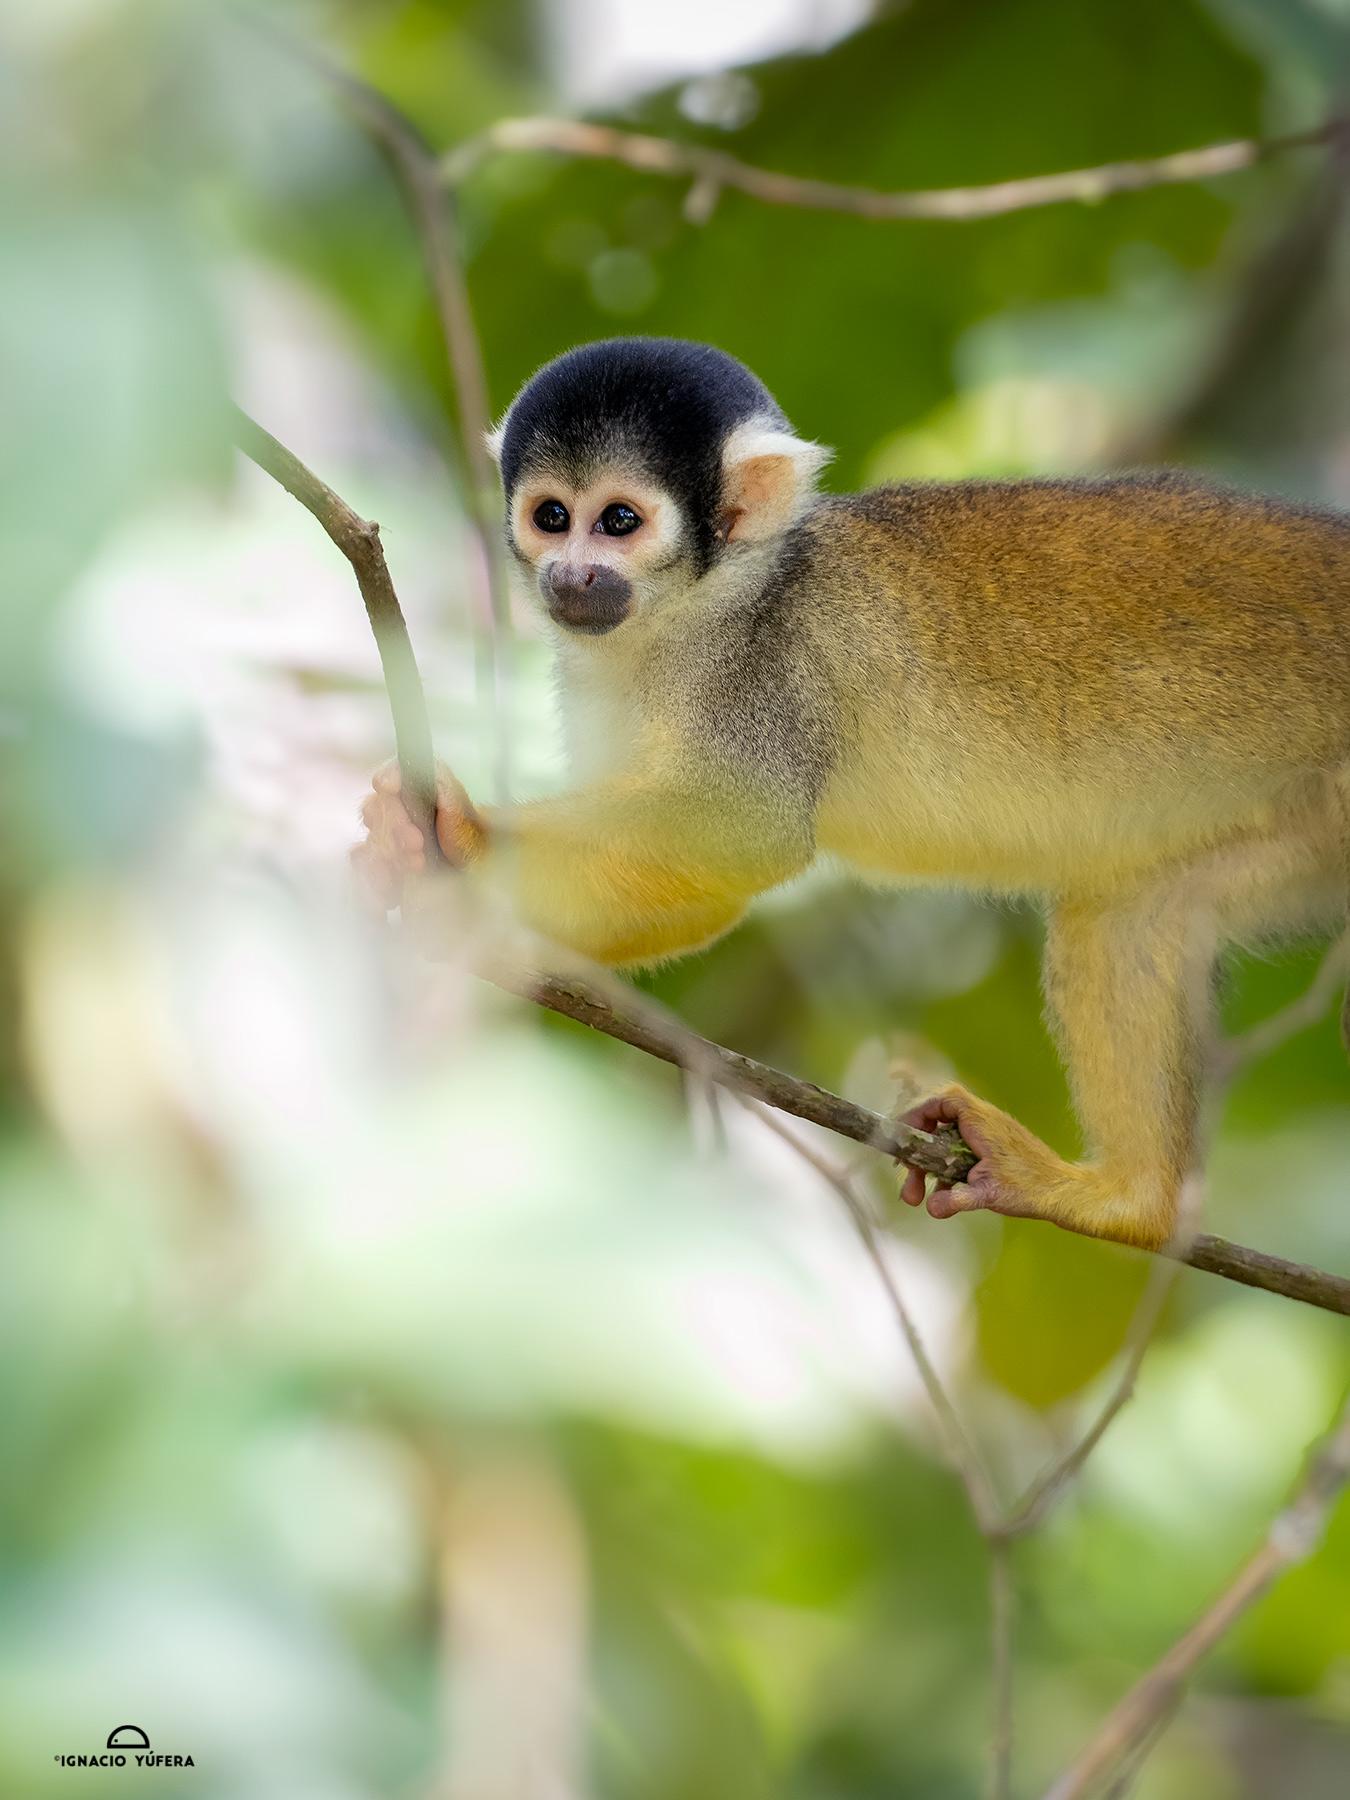 Bolivian Squirrel Monkey (Saimiro boliviensis), Madre de Dios, Peru